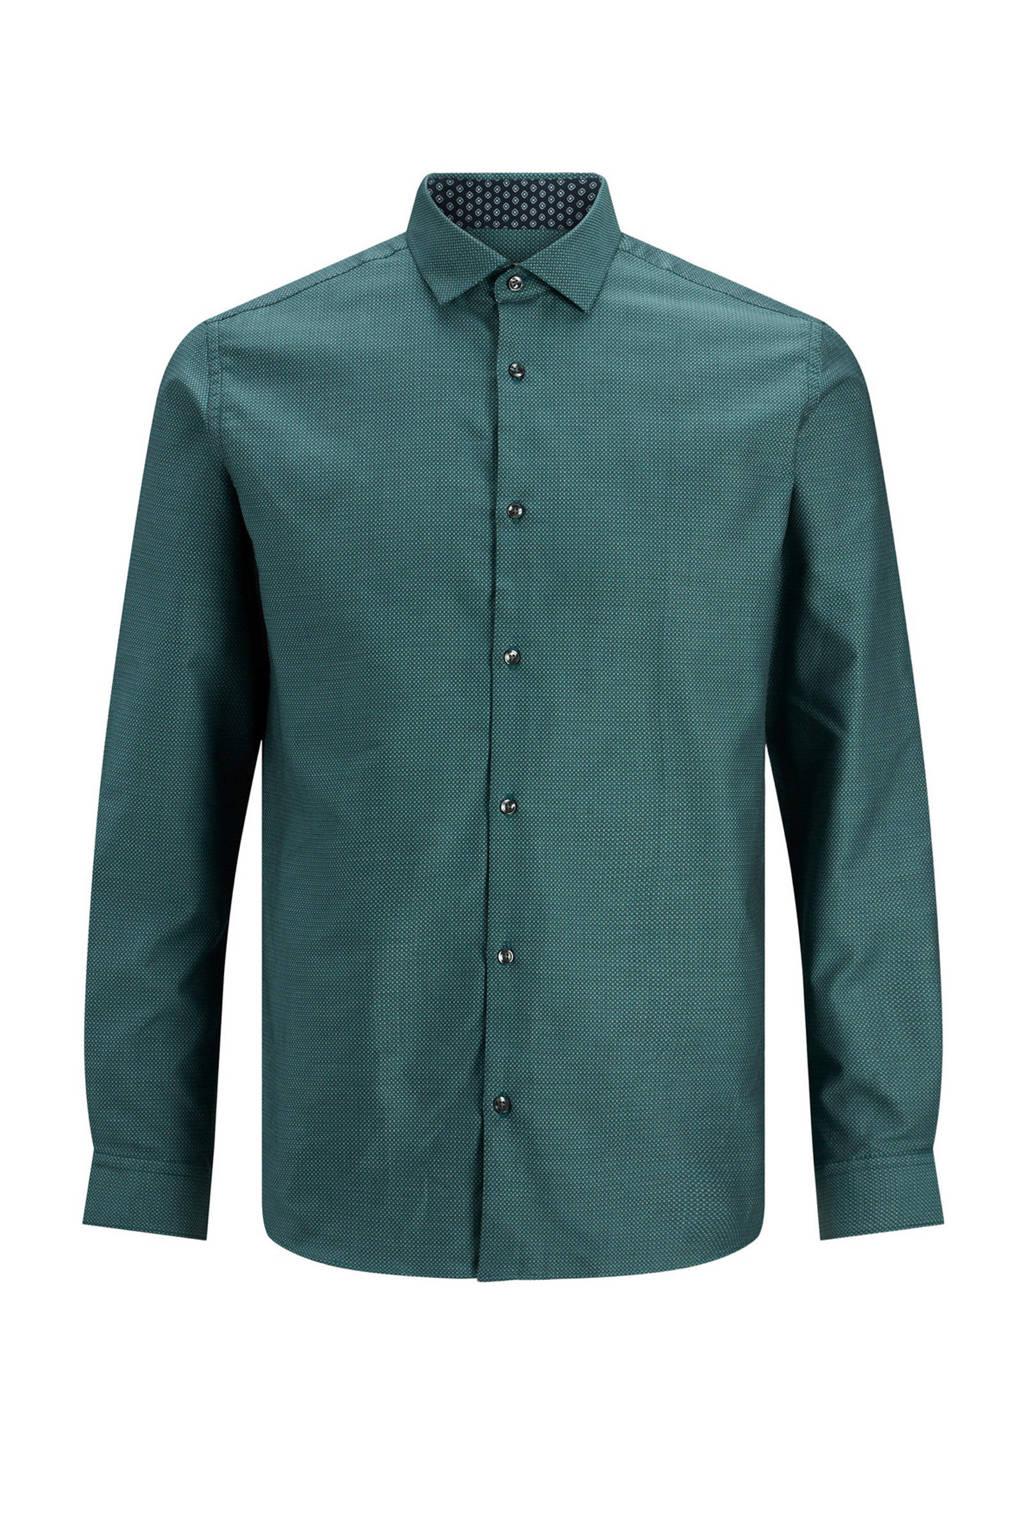 JACK & JONES PREMIUM gemêleerd slim fit overhemd groen, Groen